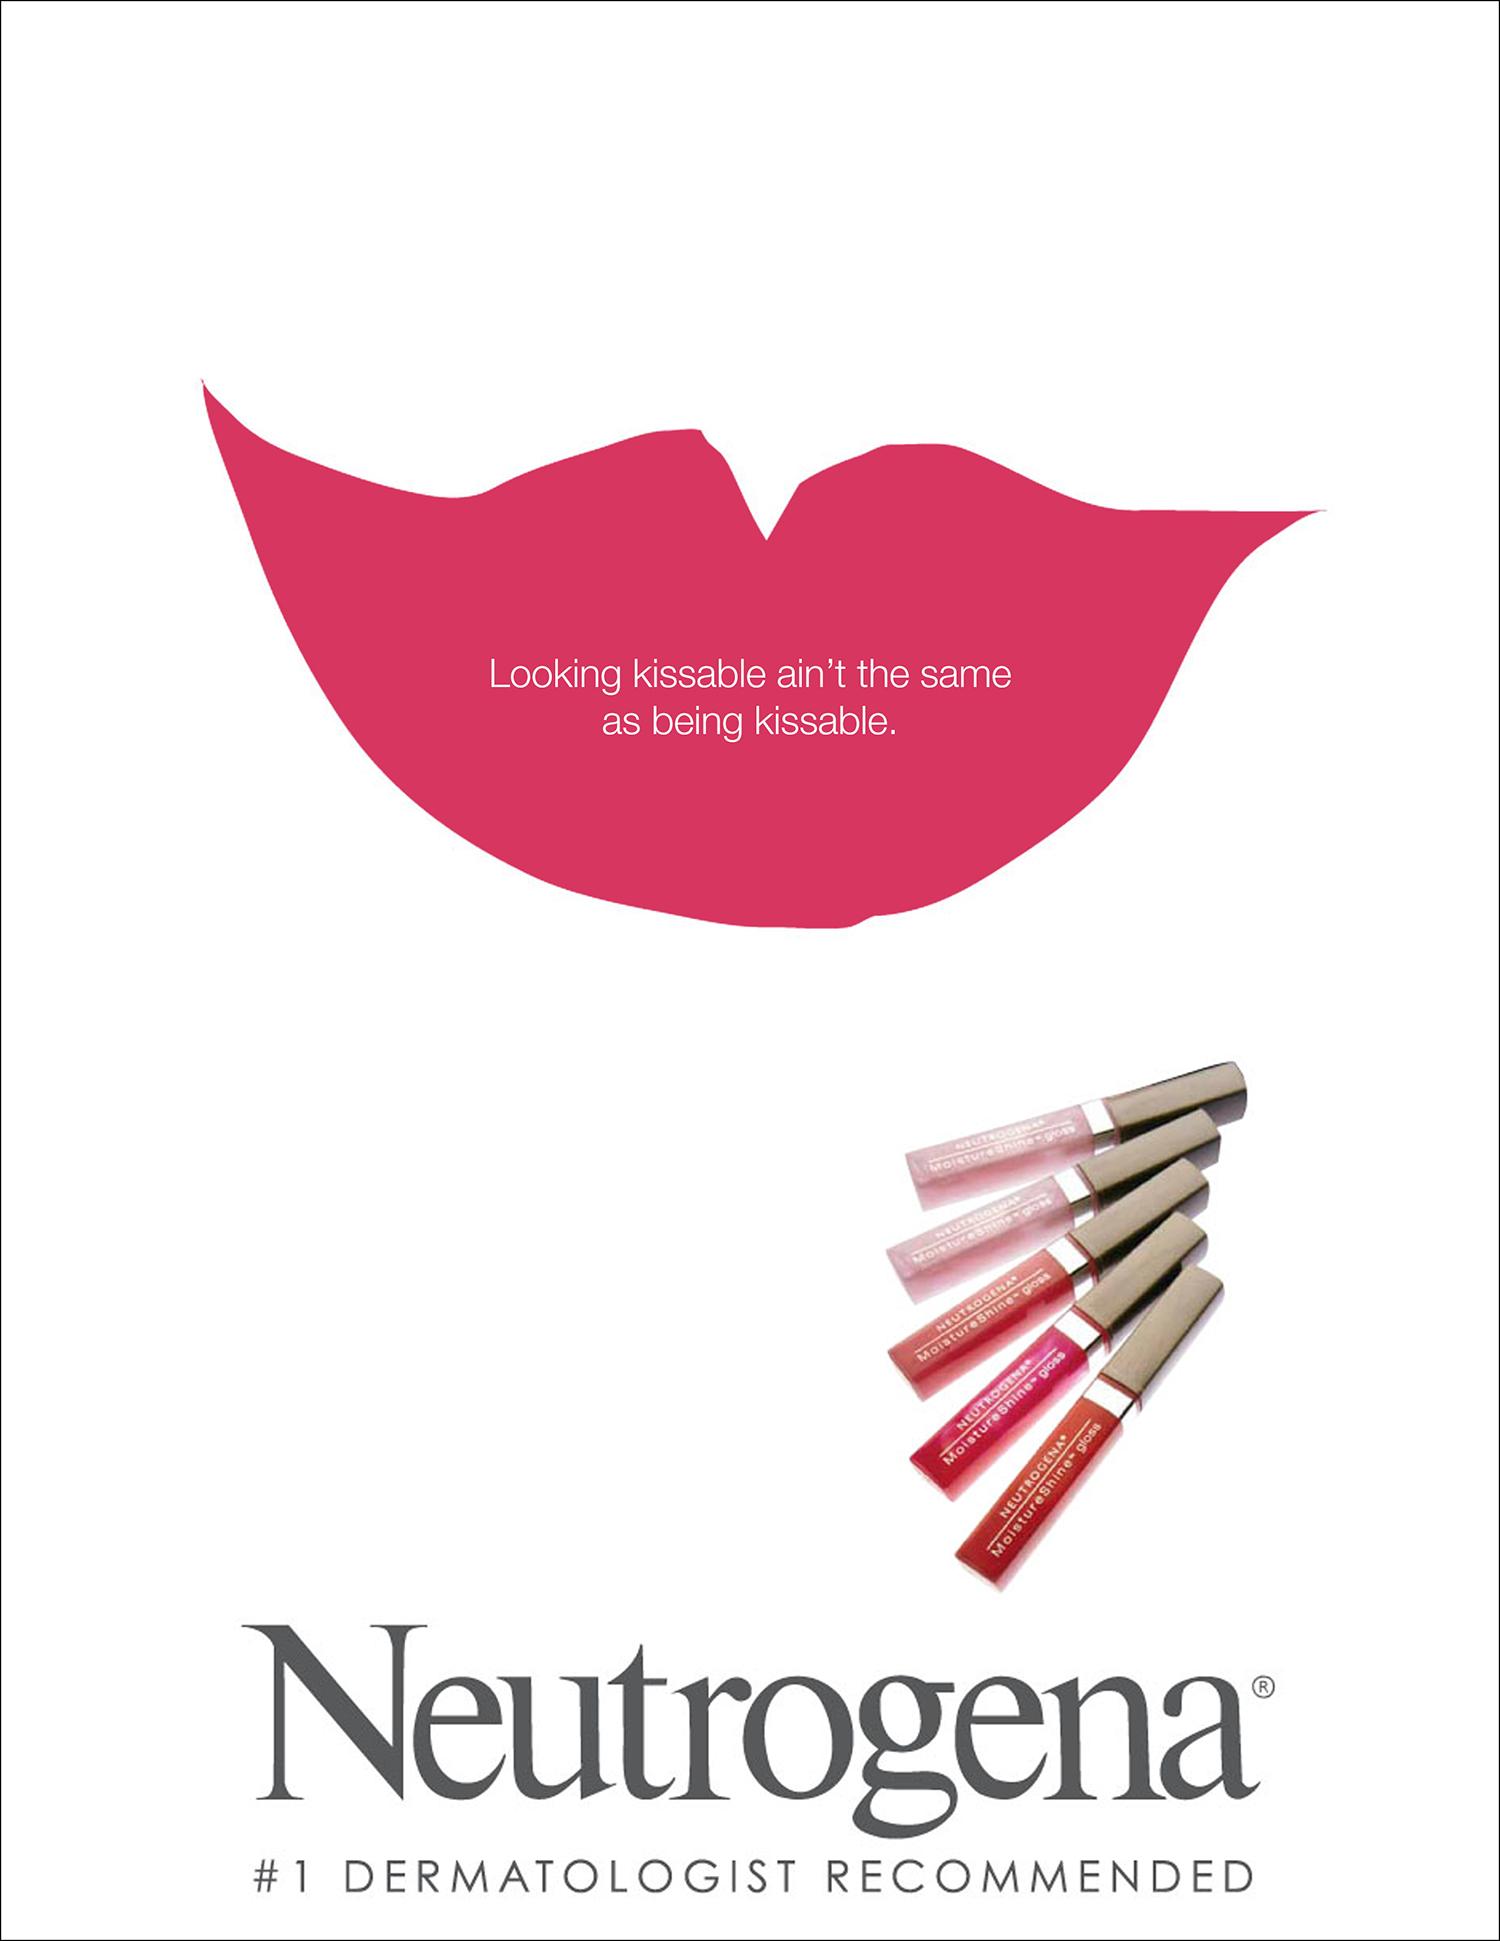 Neutrogena (Kissable)